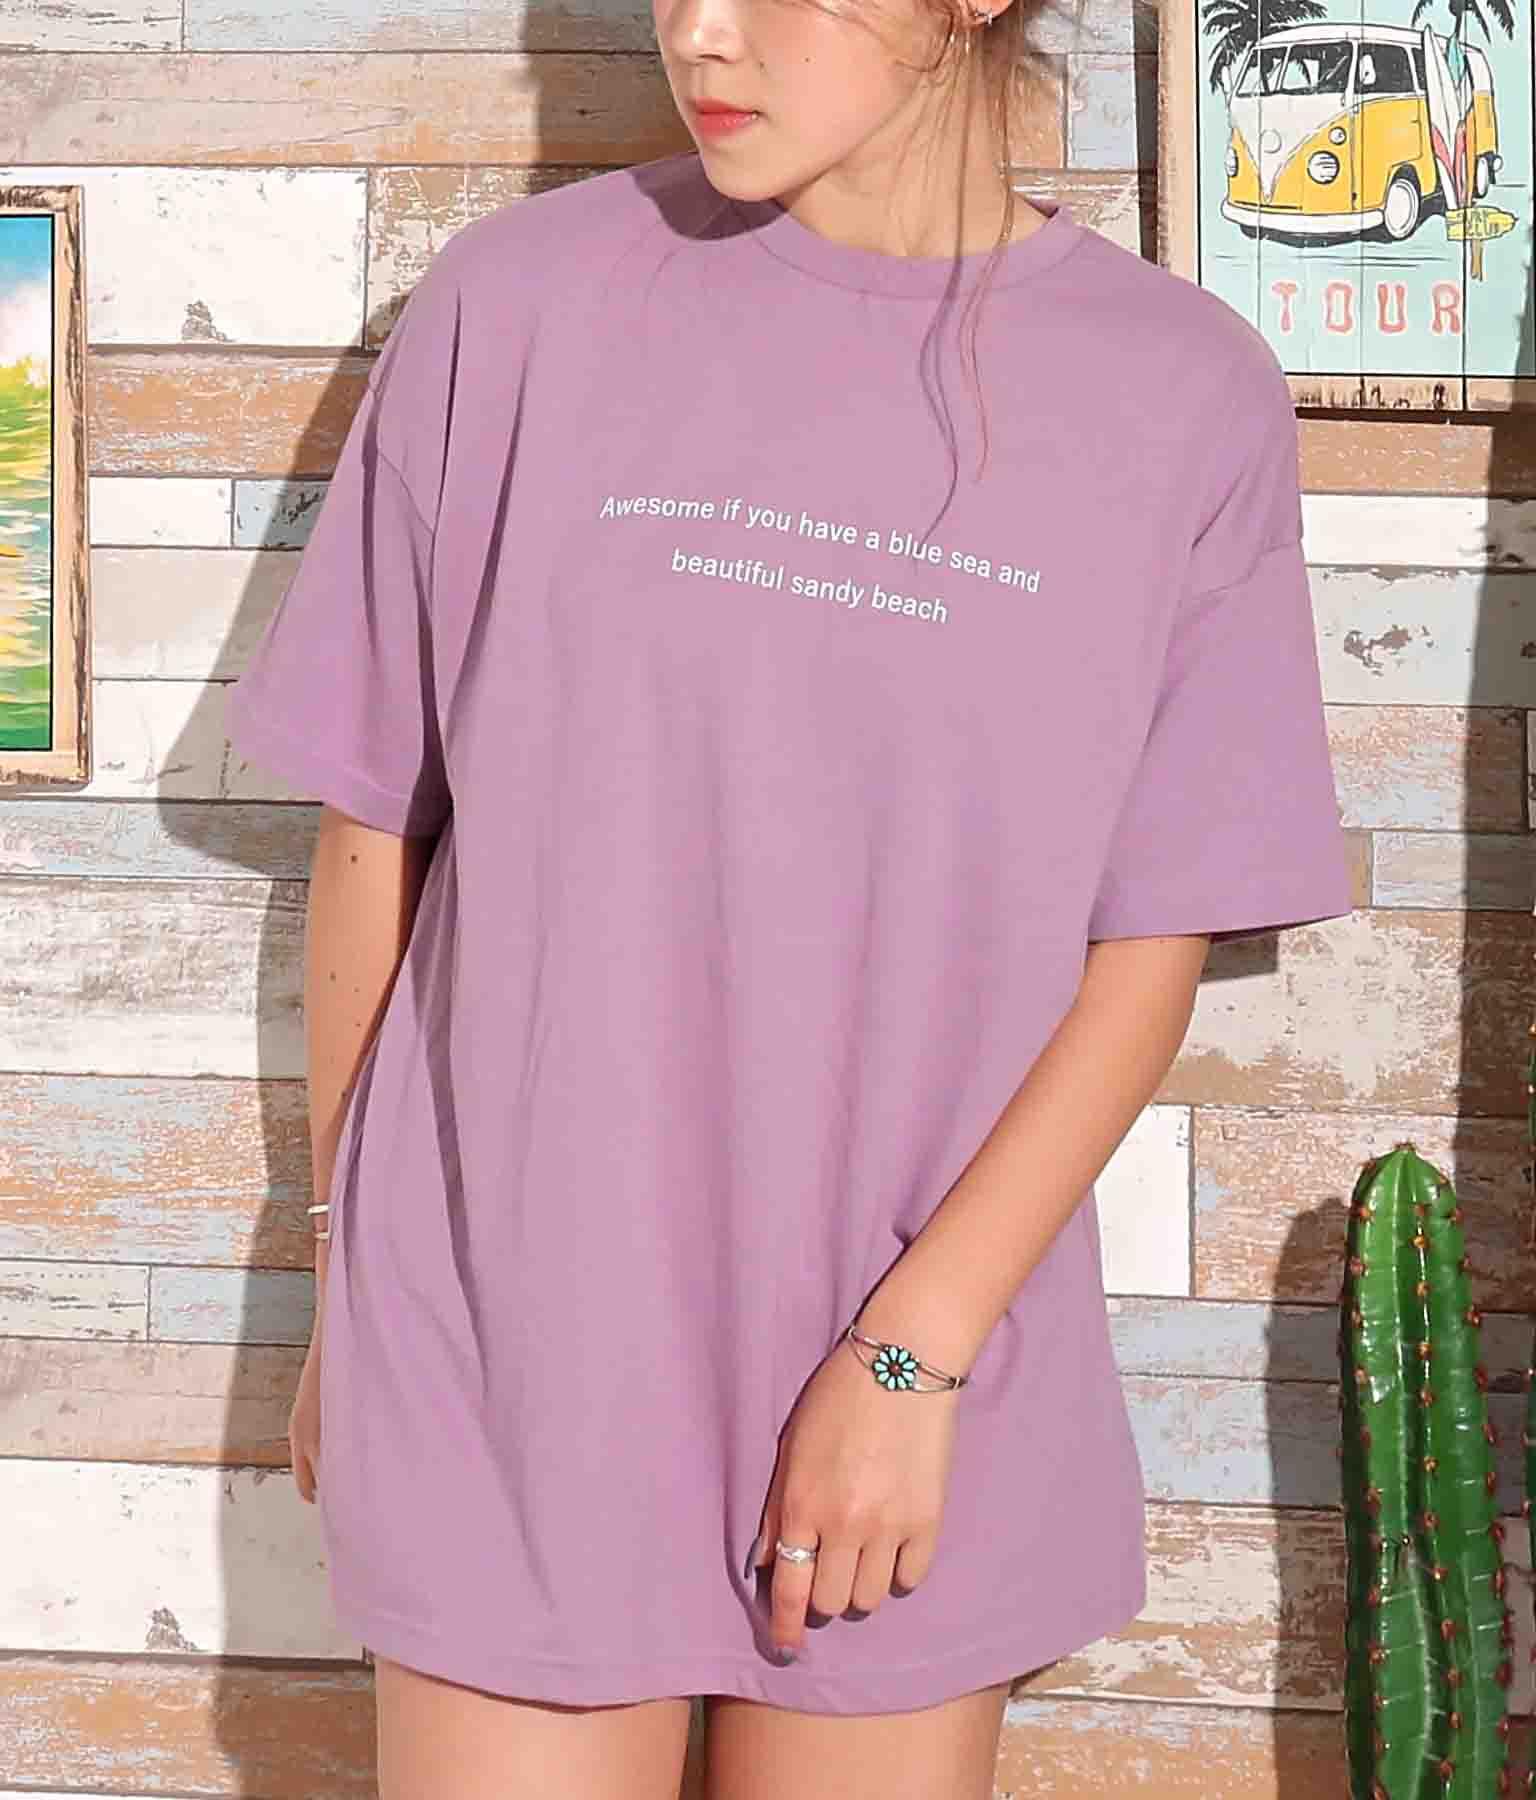 テキストプリントビッグTシャツ